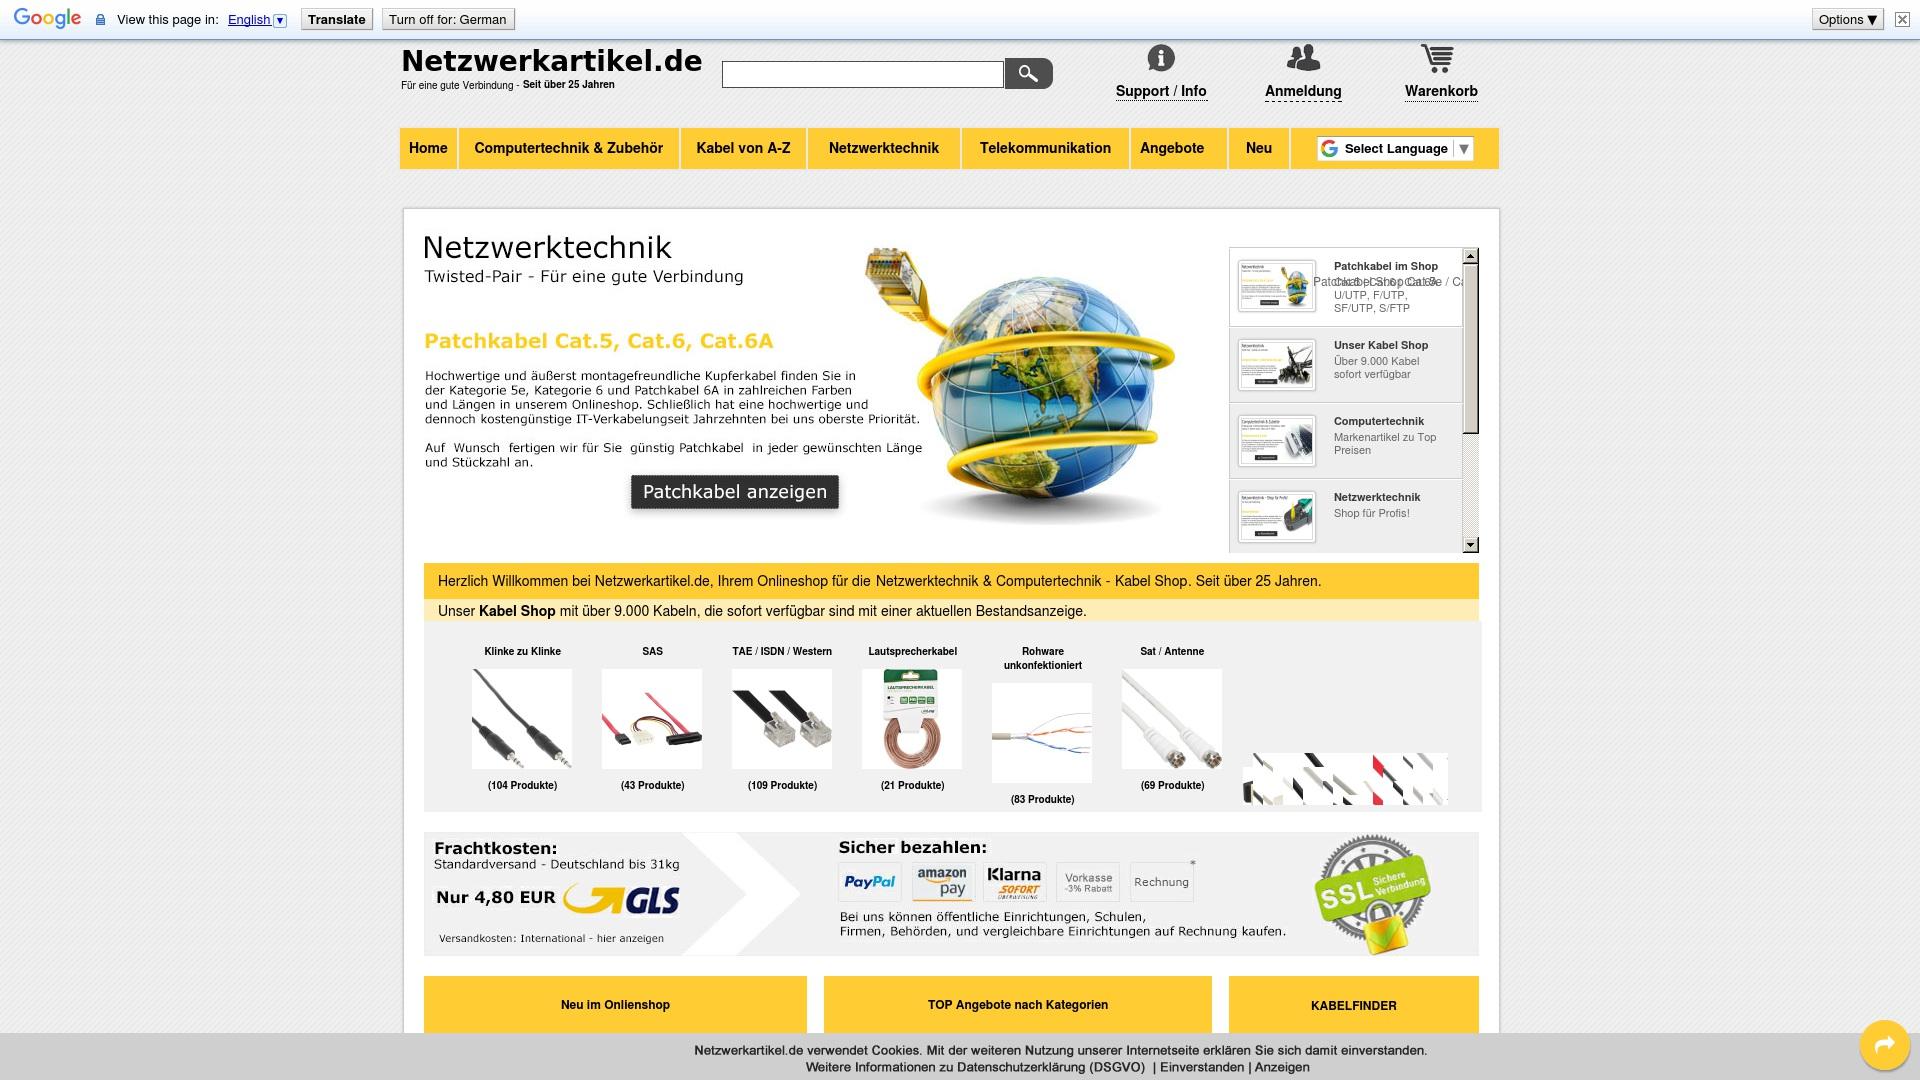 Gutschein für Netzwerkartikel: Rabatte für  Netzwerkartikel sichern